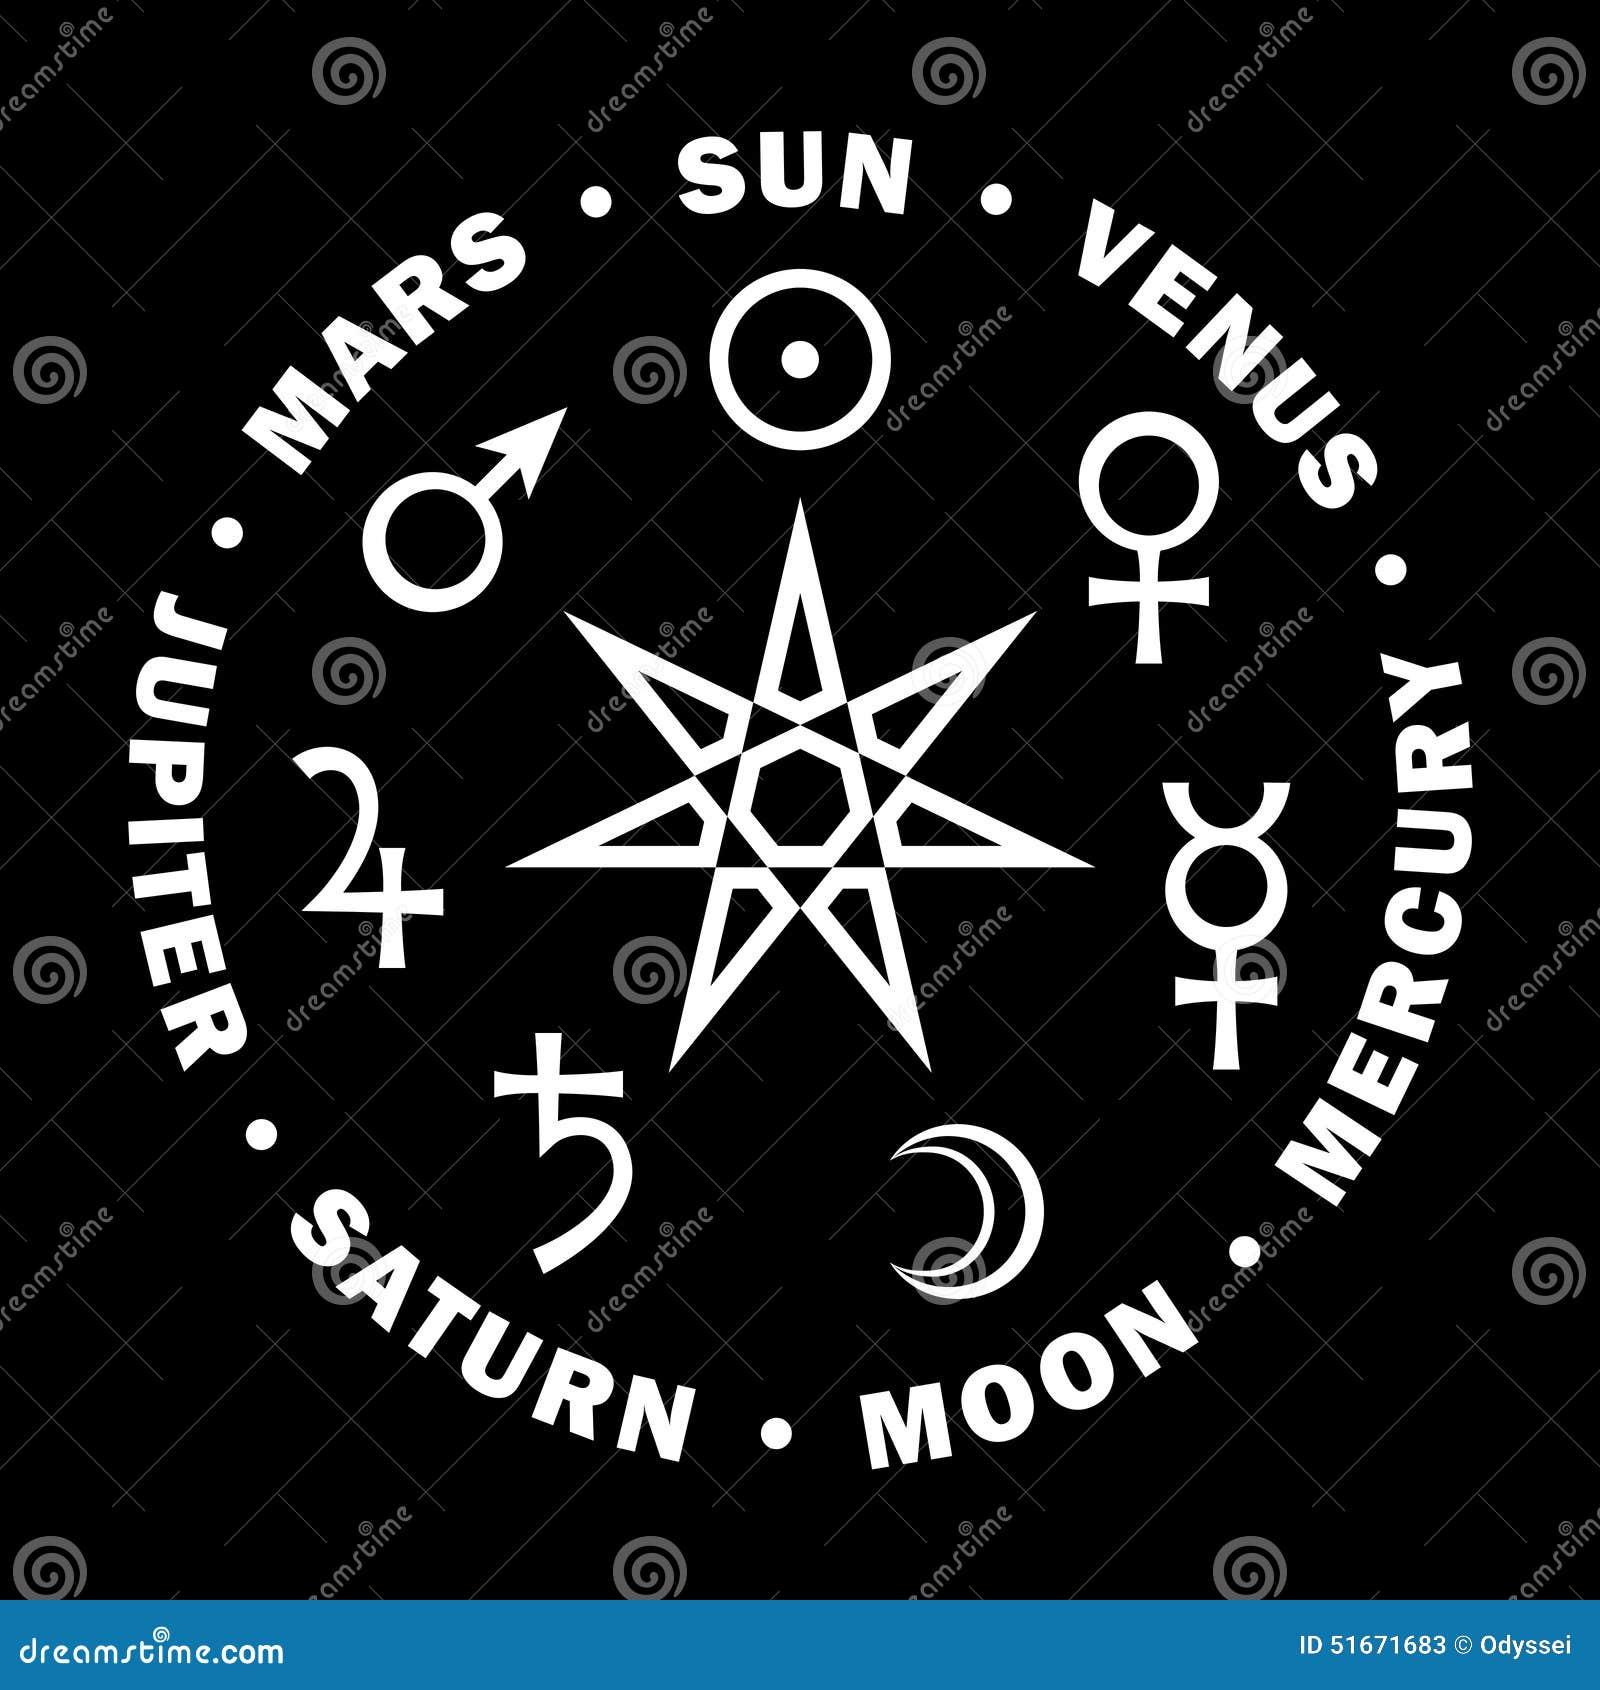 septener toile des magiciens sept plan tes d 39 astrologie photo stock image 51671683. Black Bedroom Furniture Sets. Home Design Ideas